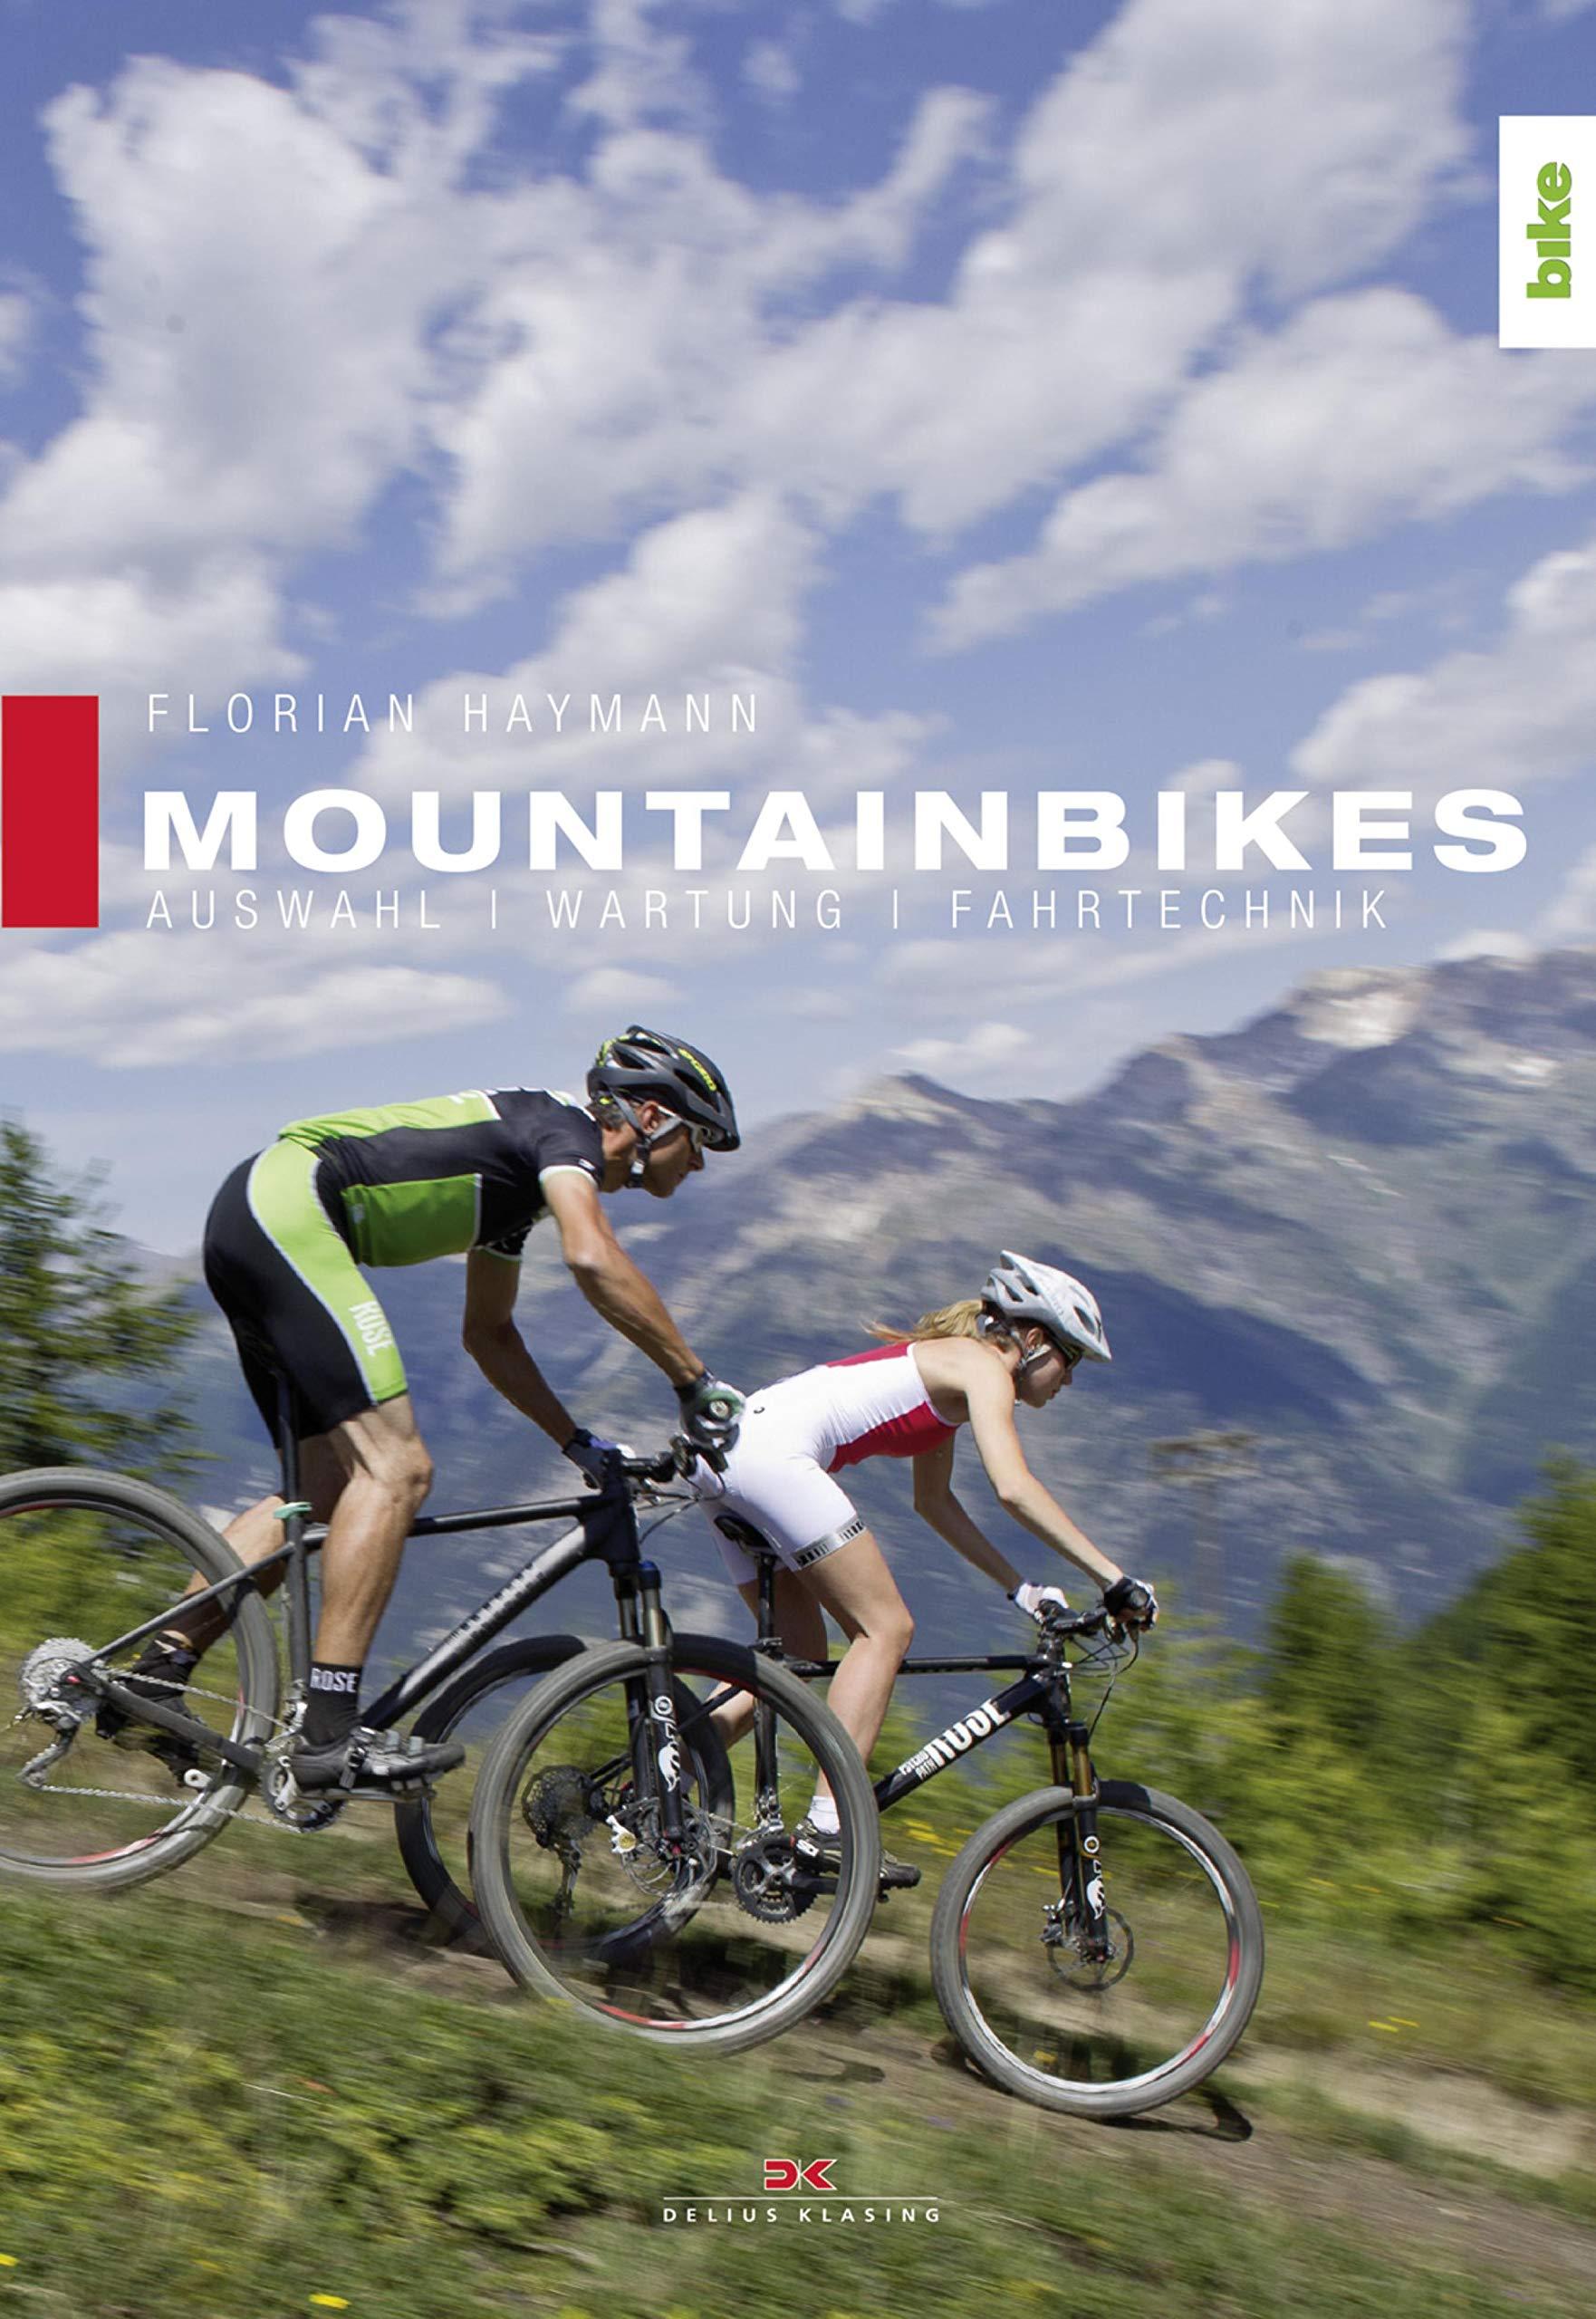 Download Book Mountainbikes: Auswahl, Wartung, Fahrtechnik (German ...